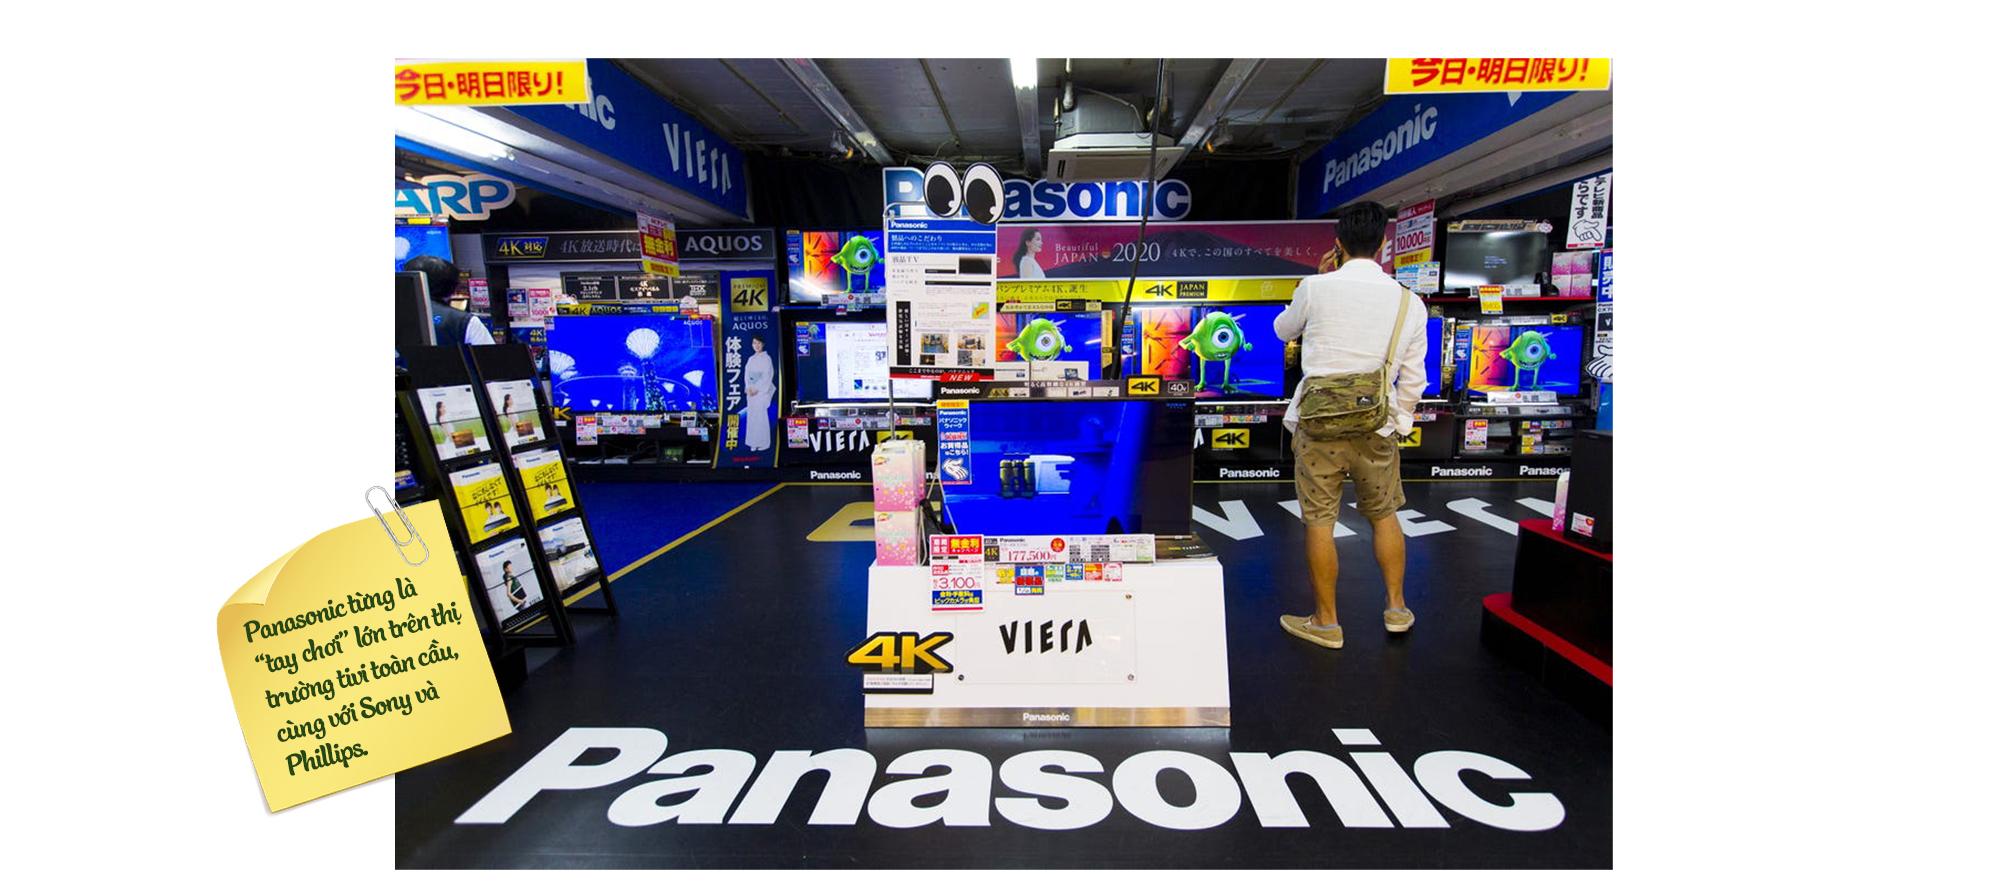 Kế hoạch hồi sinh Panasonic của CEO mới